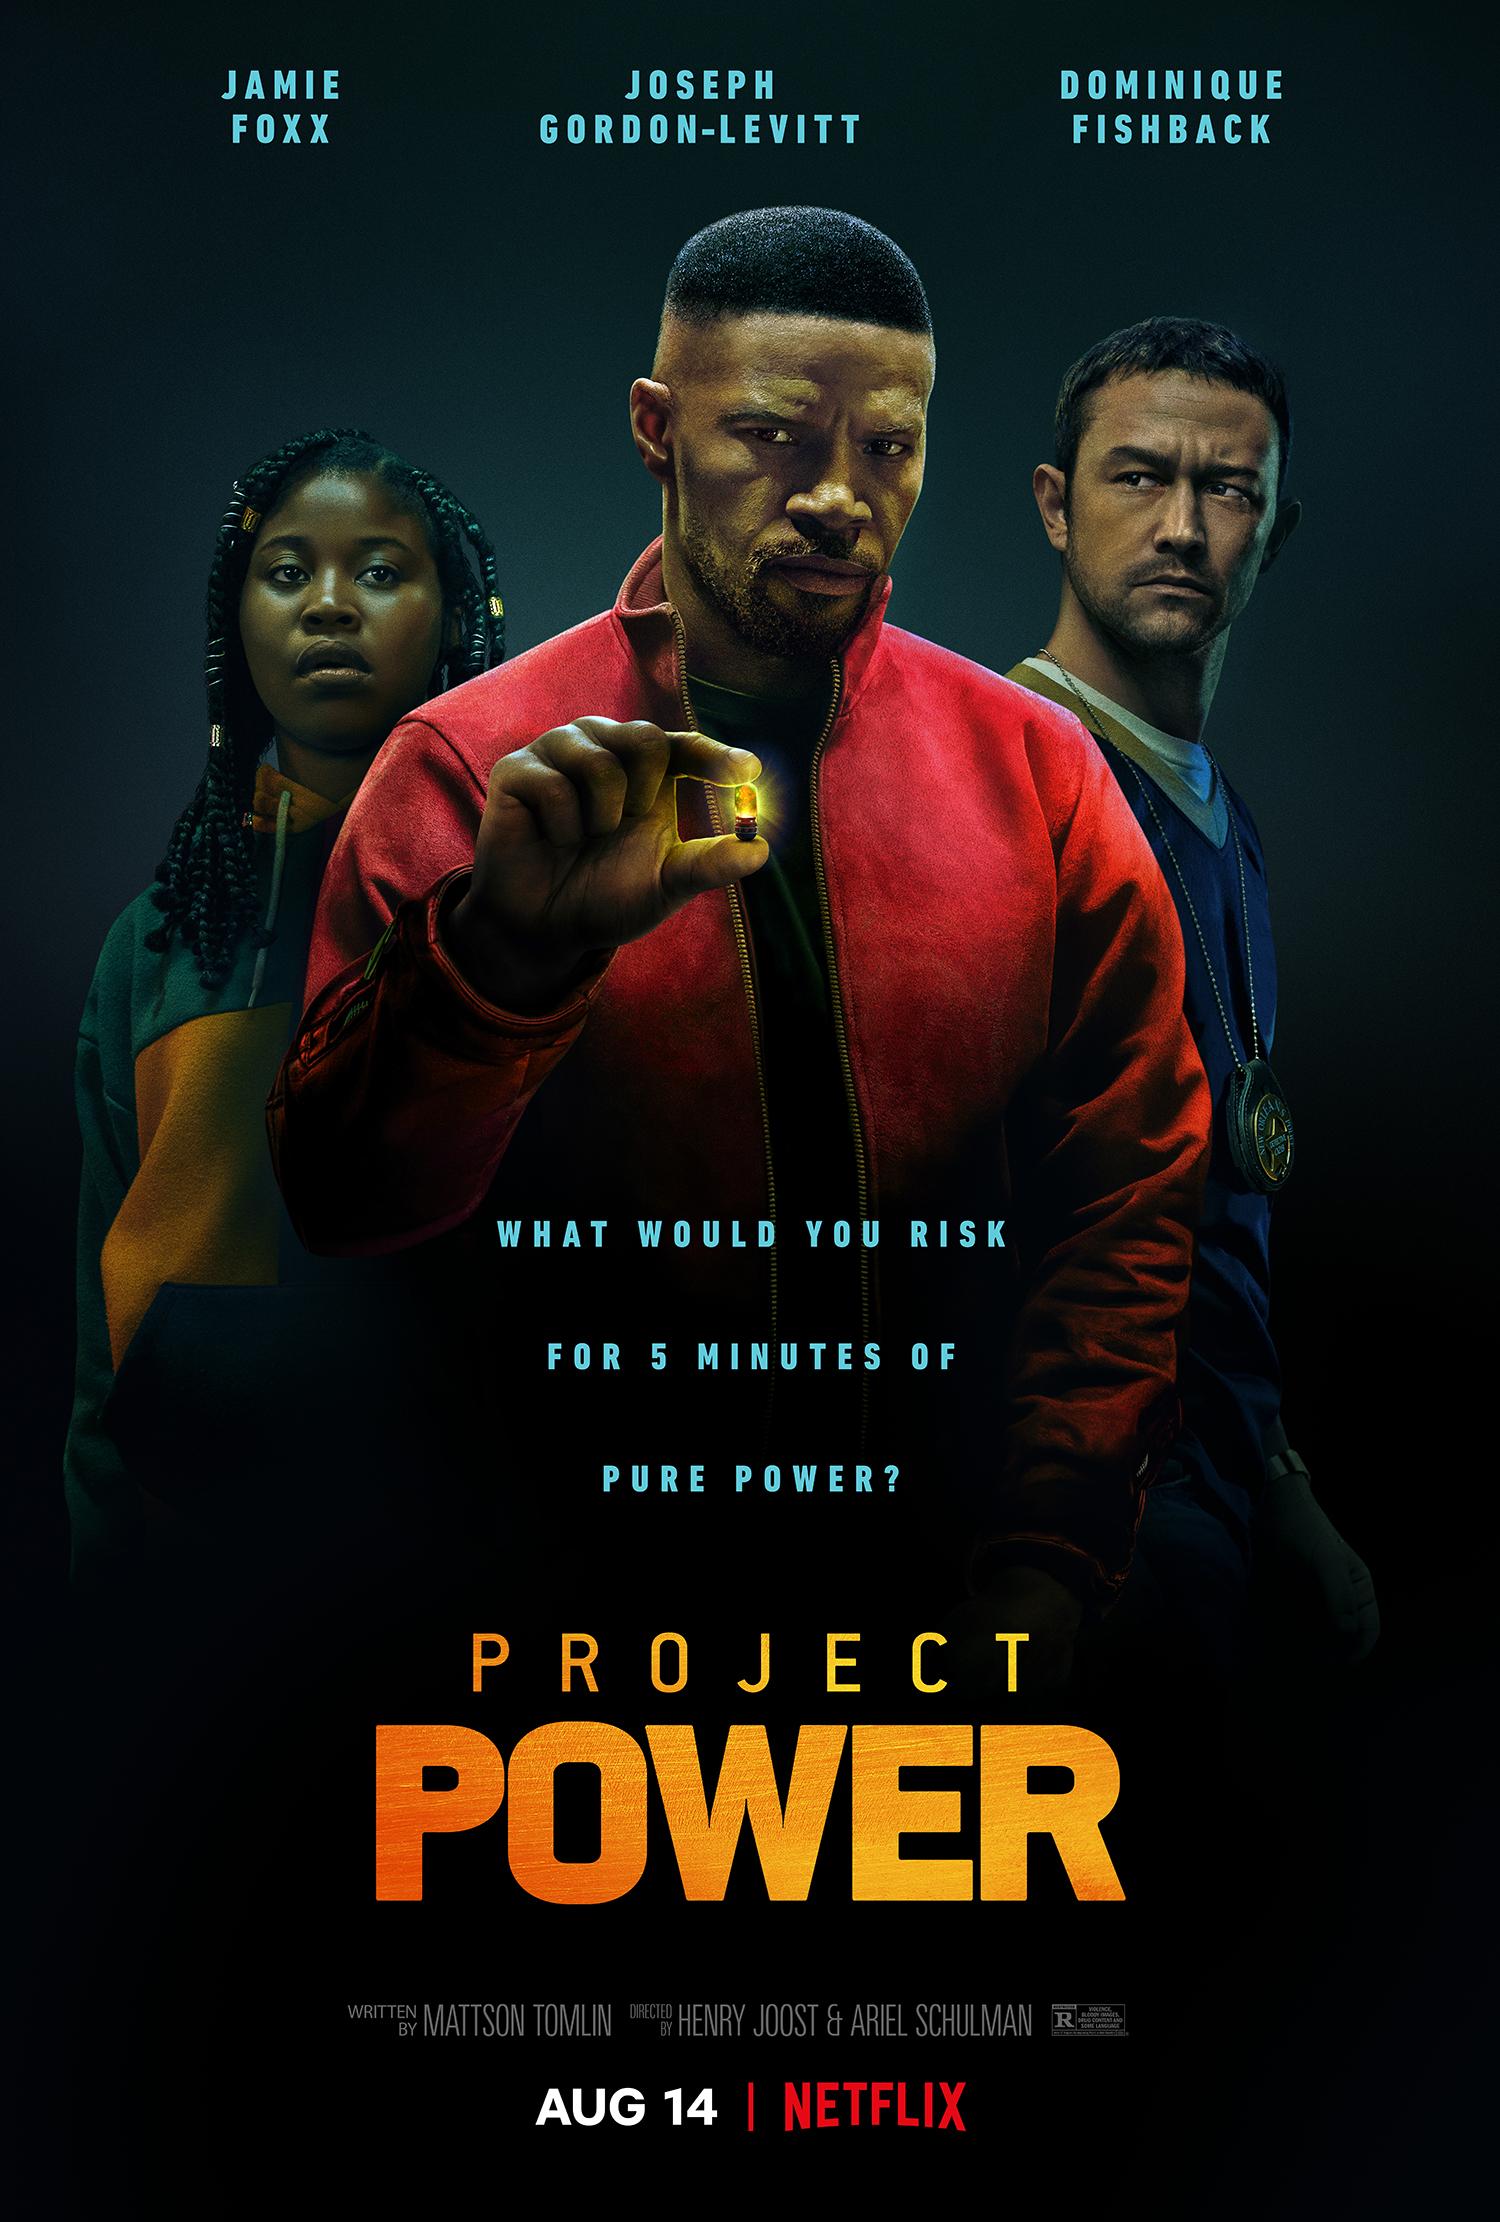 New Movie: Project Power Starring Jamie Foxx